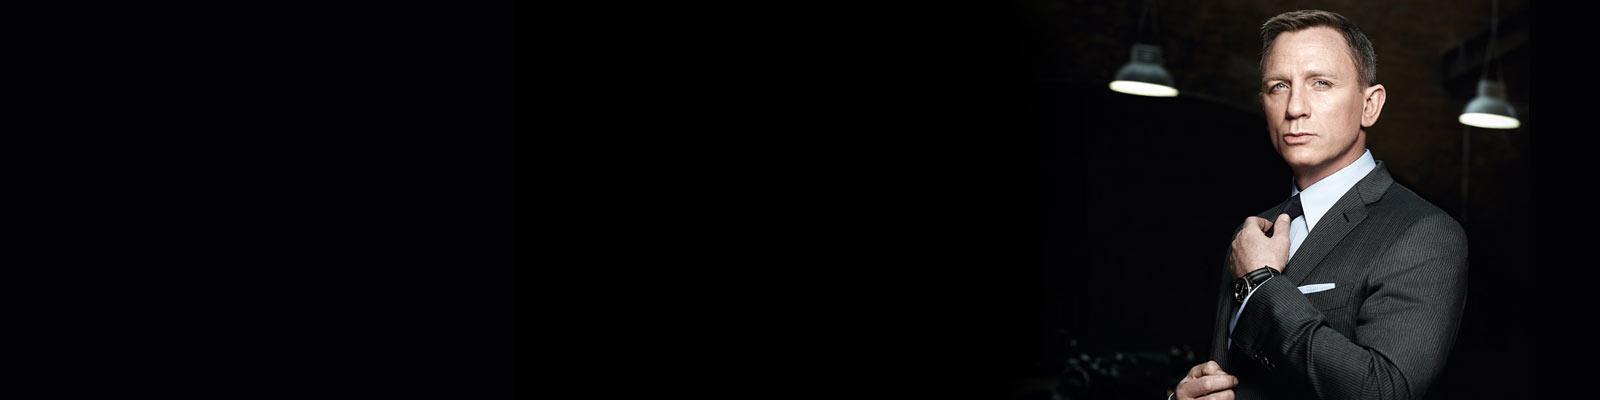 海马300 - 背景